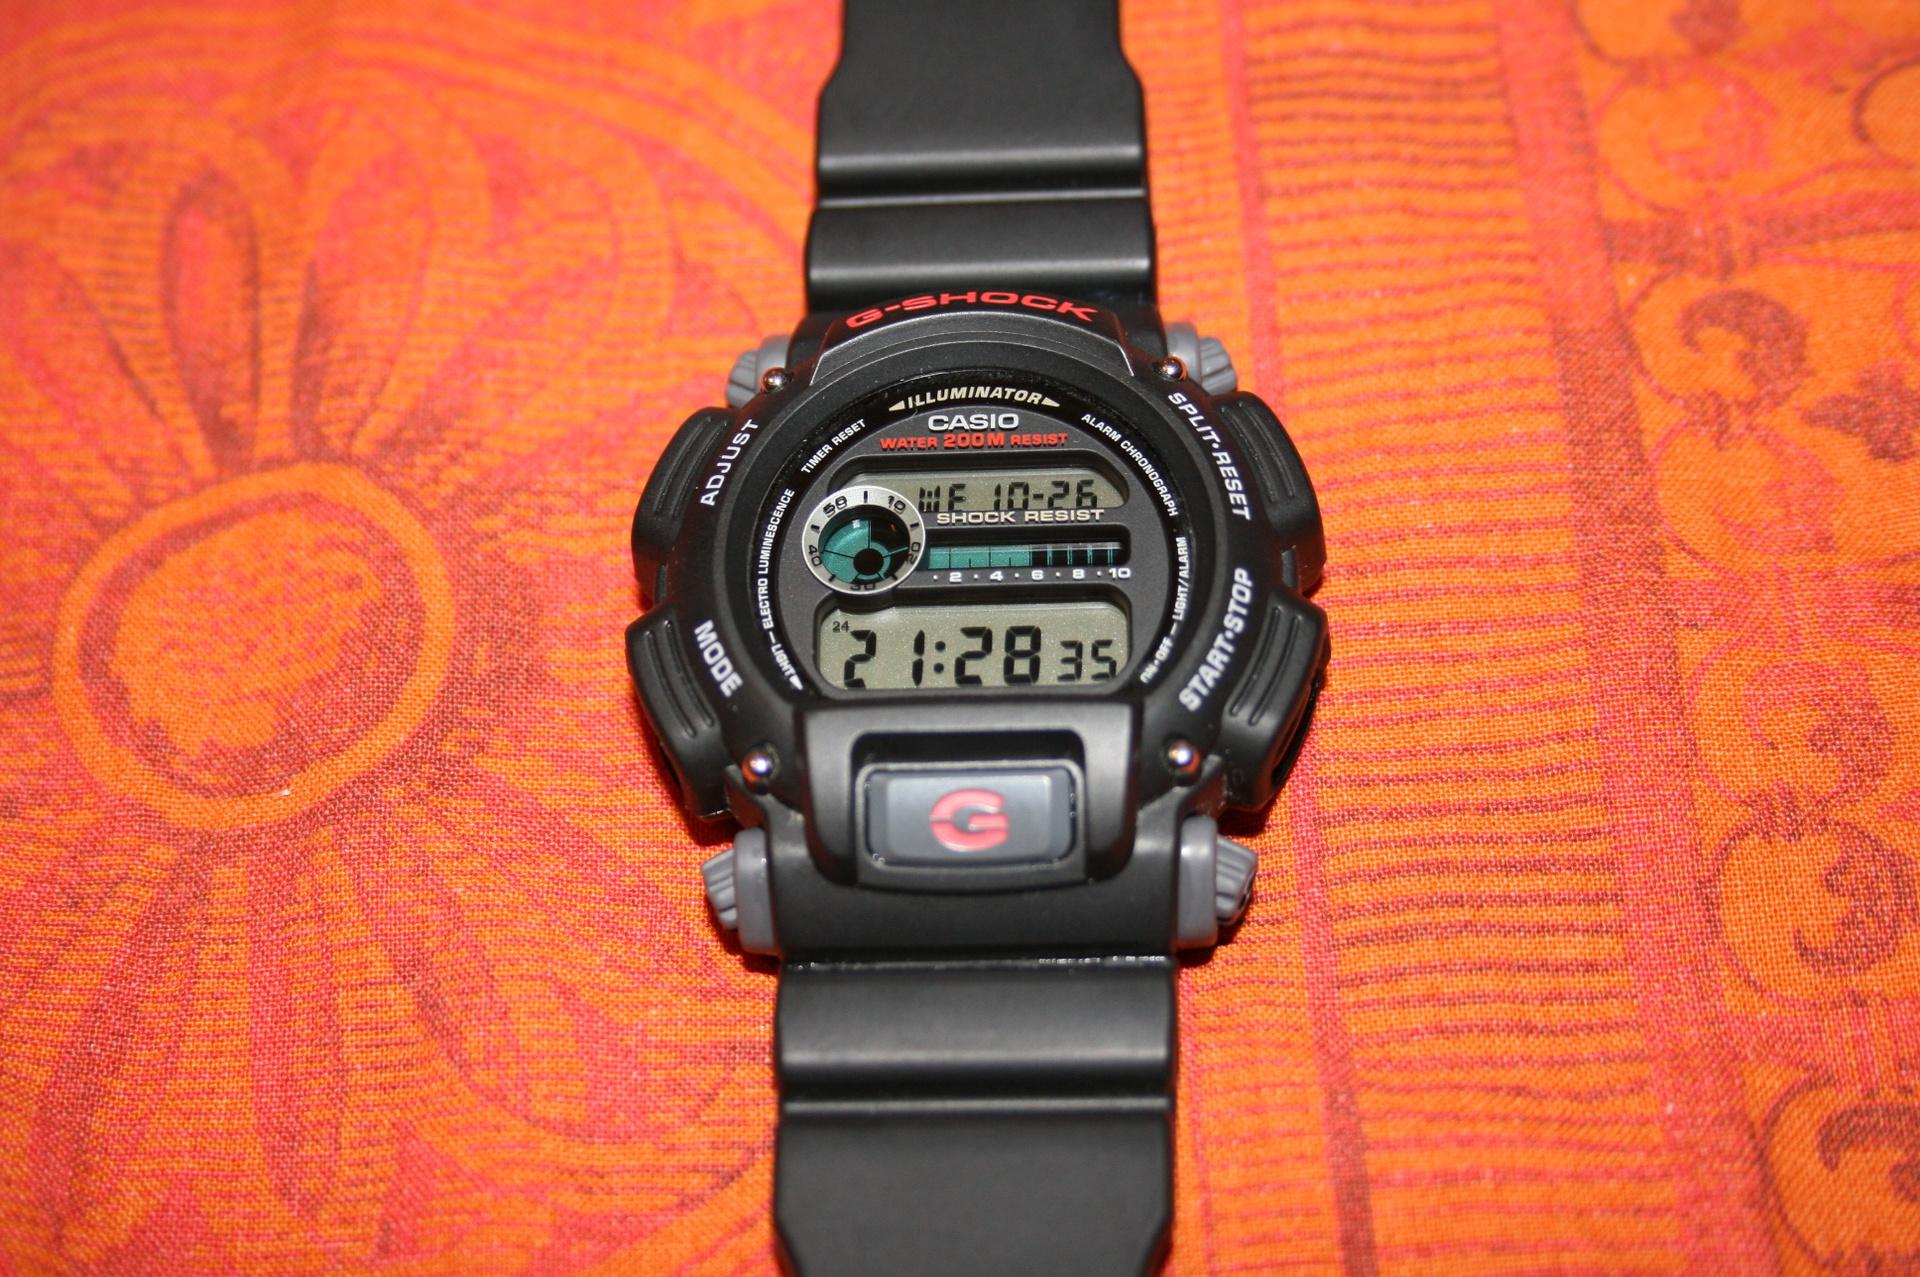 Erledigt G Shock Dw 9052 1v Casio 1vdr Die Speckige Stelle Am Unteren Ende Des Armbands Bild1 Ist Kein Abrieb Sondern Eine Ungnstige Reflektion